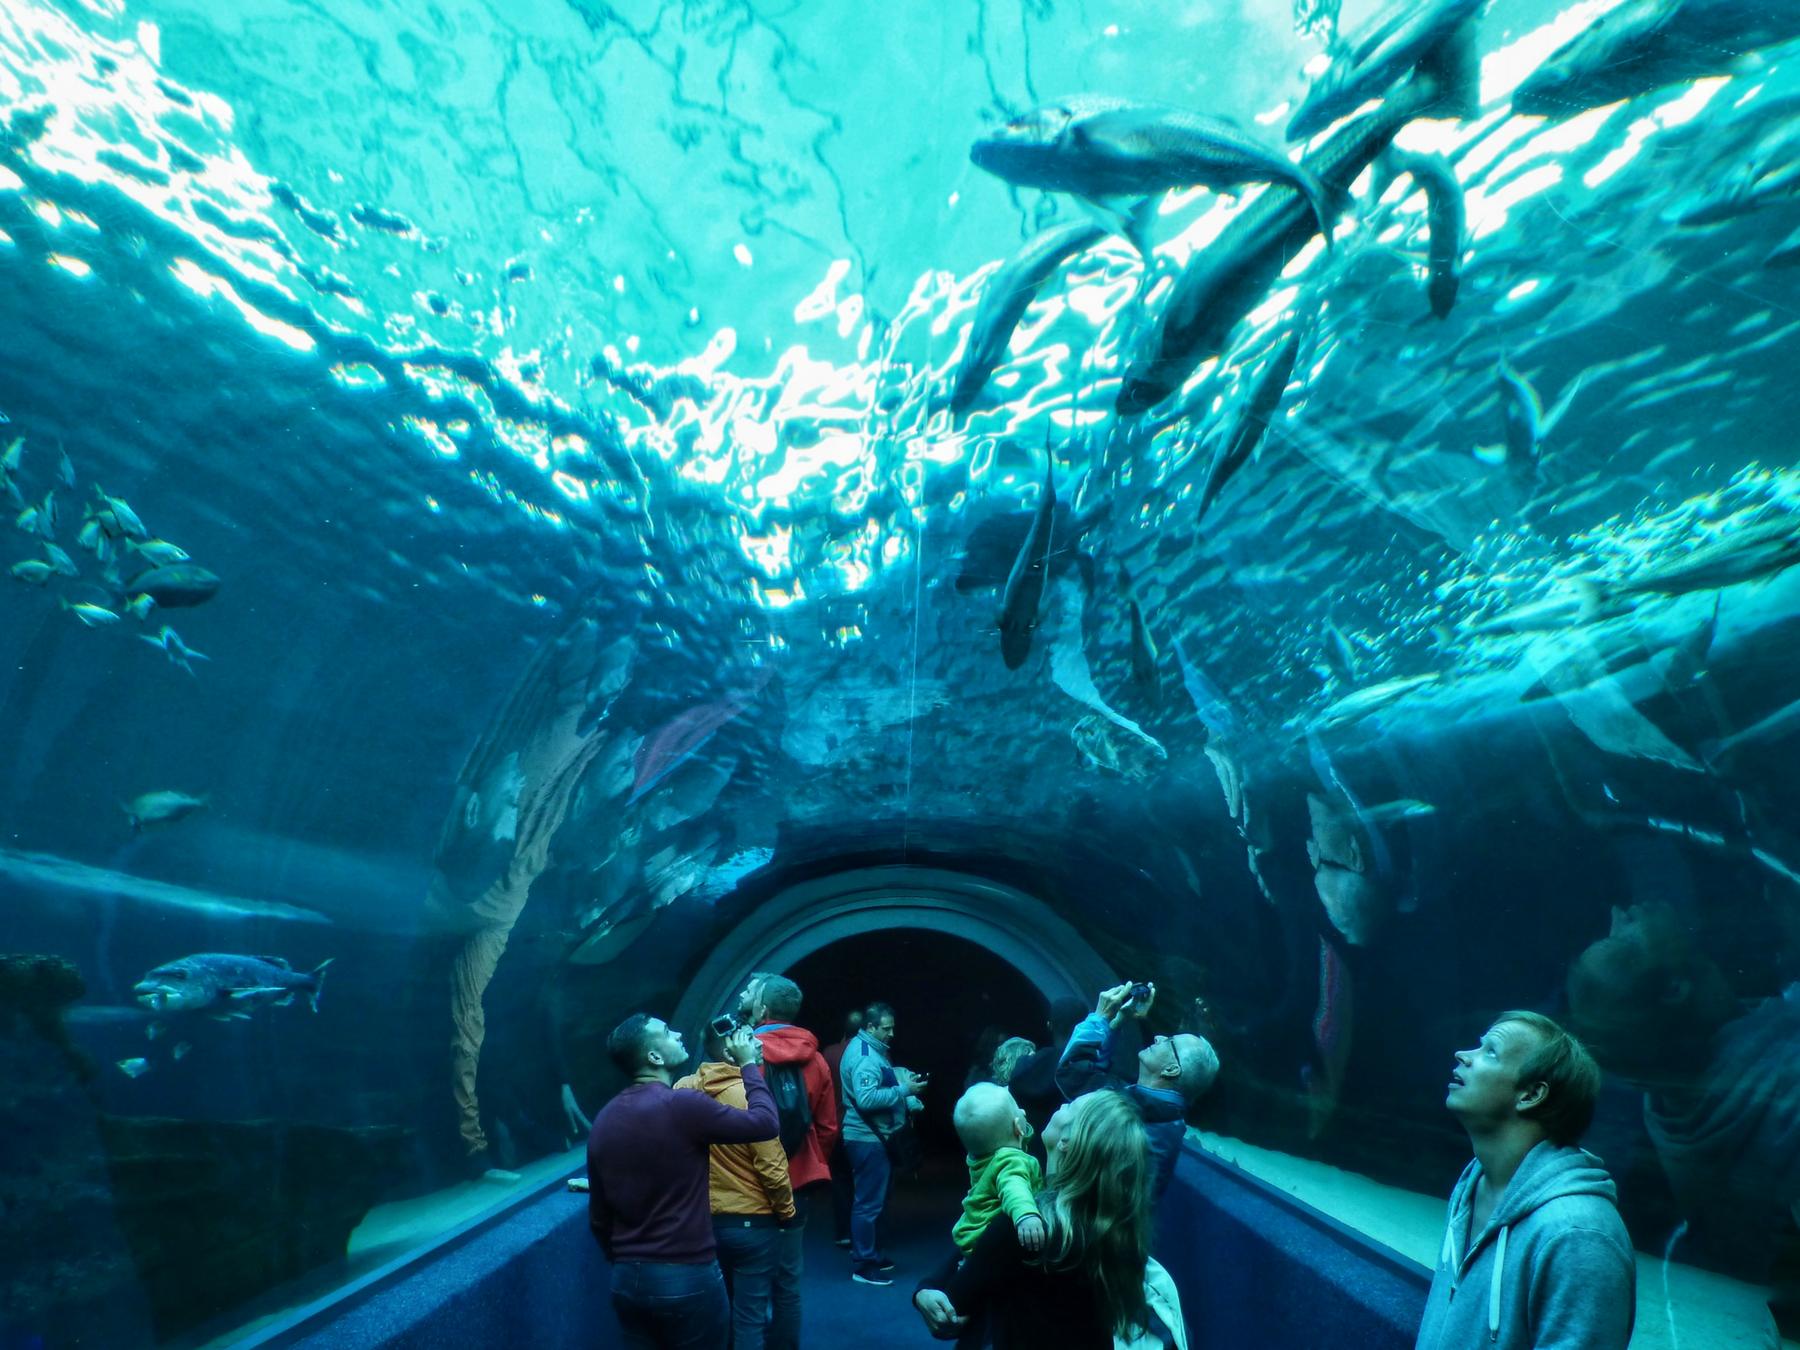 Roteiro-Cidade-do-Cabo-4-a-7-dias-aquario-two-oceans-tubarao Roteiro Cidade do Cabo 4 a 7 dias (Sensacional)!